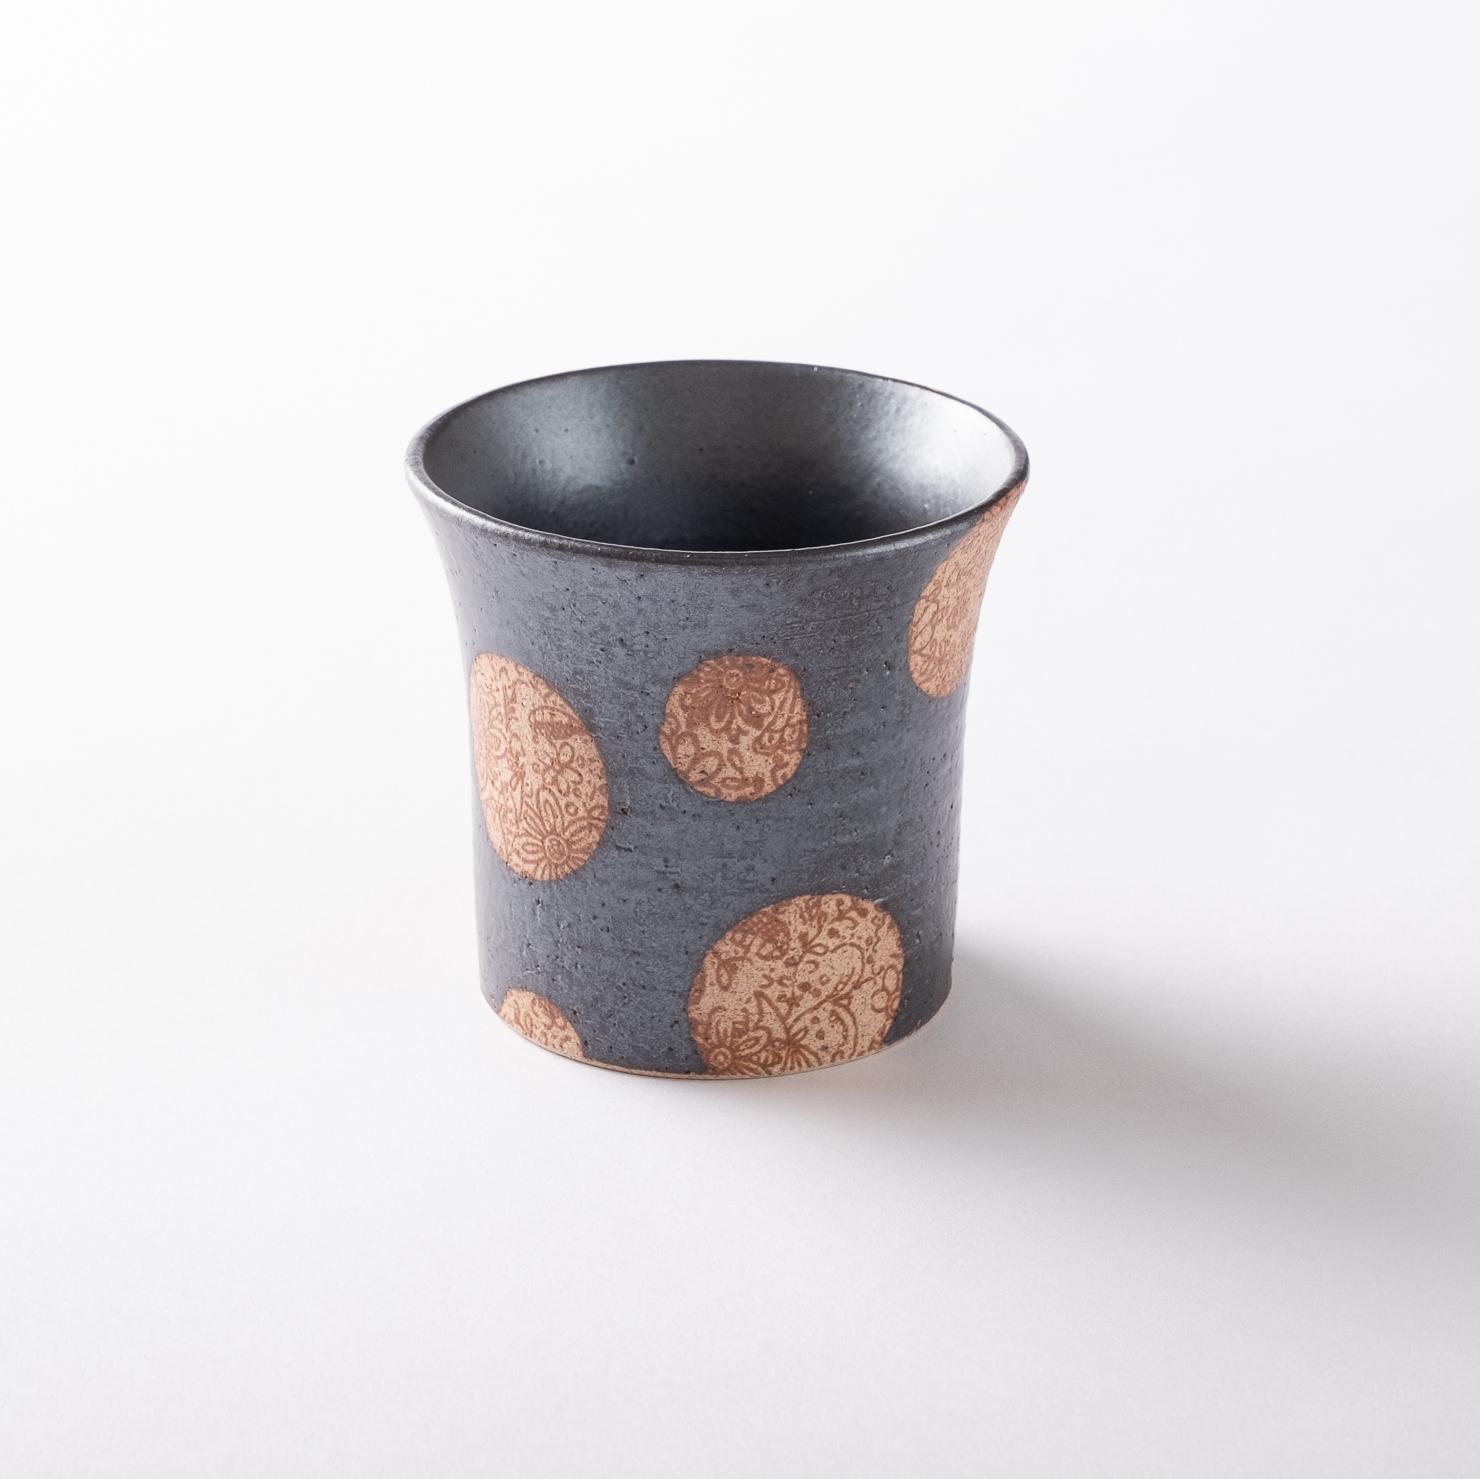 【美濃焼】フリーカップ「SARASA カップ S 黒」